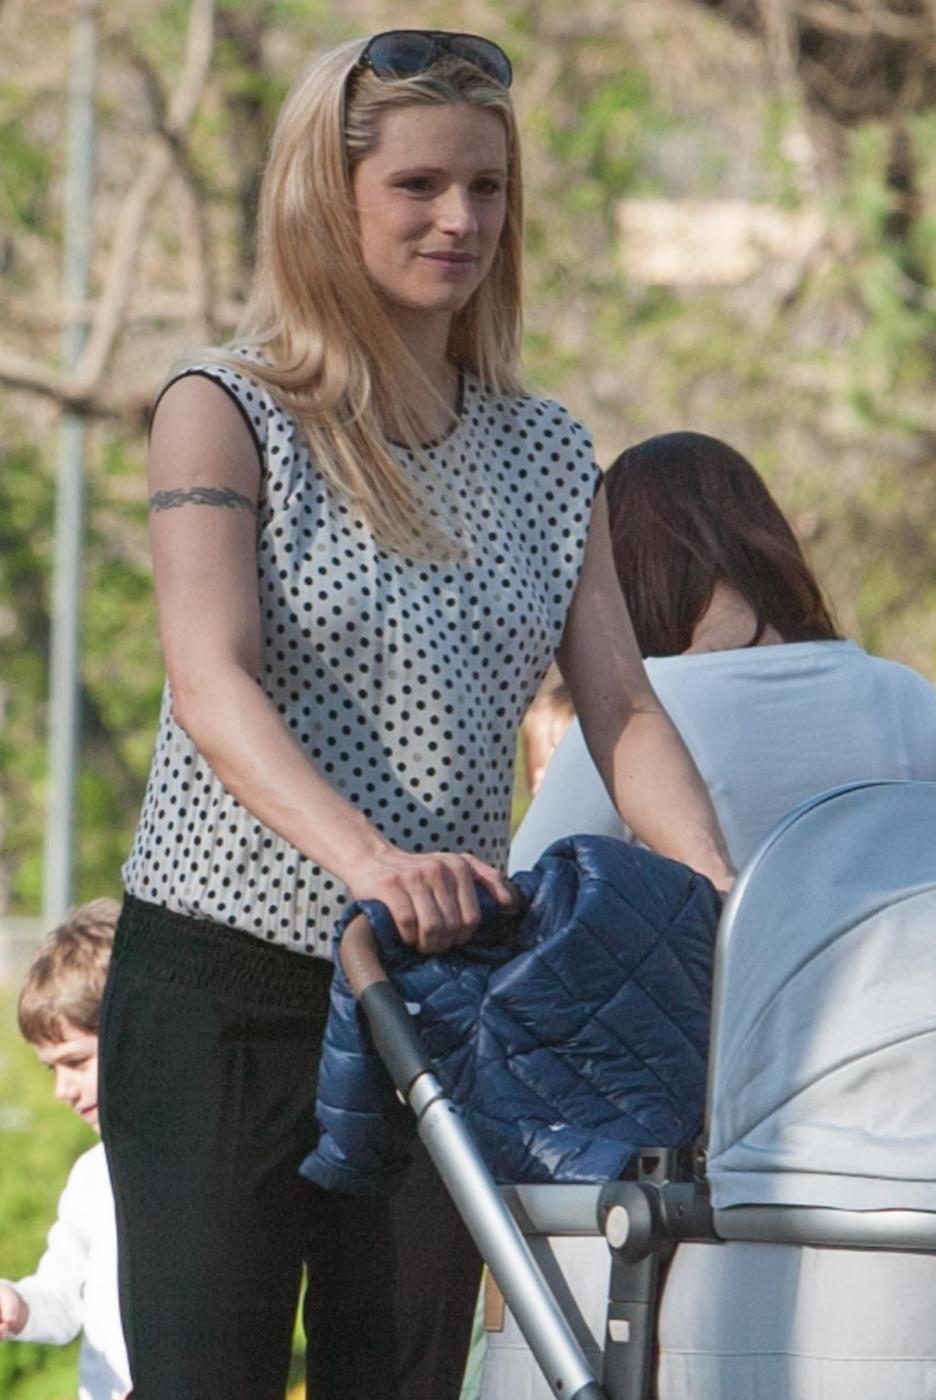 Michelle Hunizker al parco con le figlie Sole e Celeste06